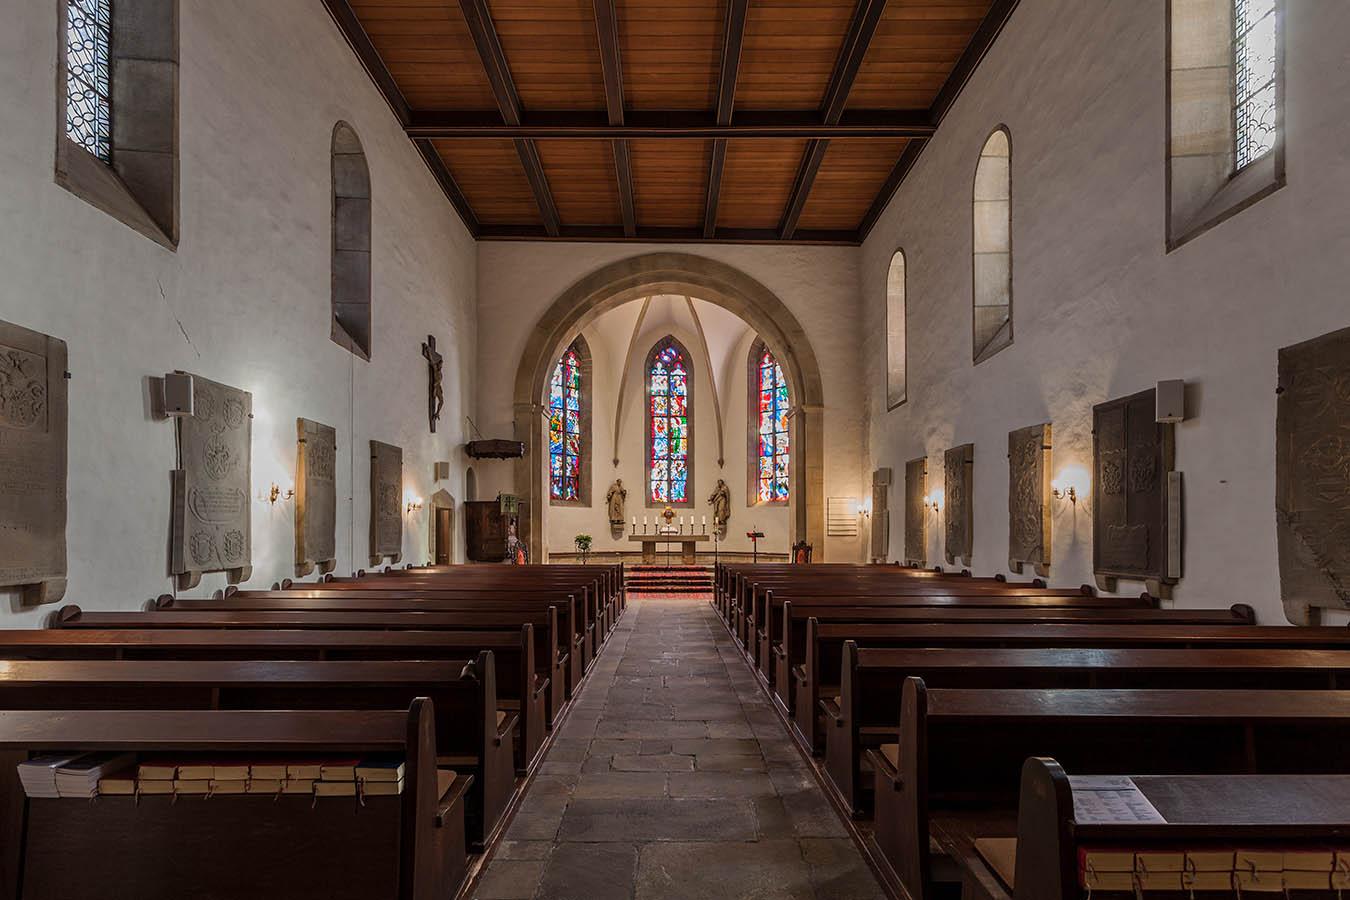 St. Peter zu Syburg, Dortmund